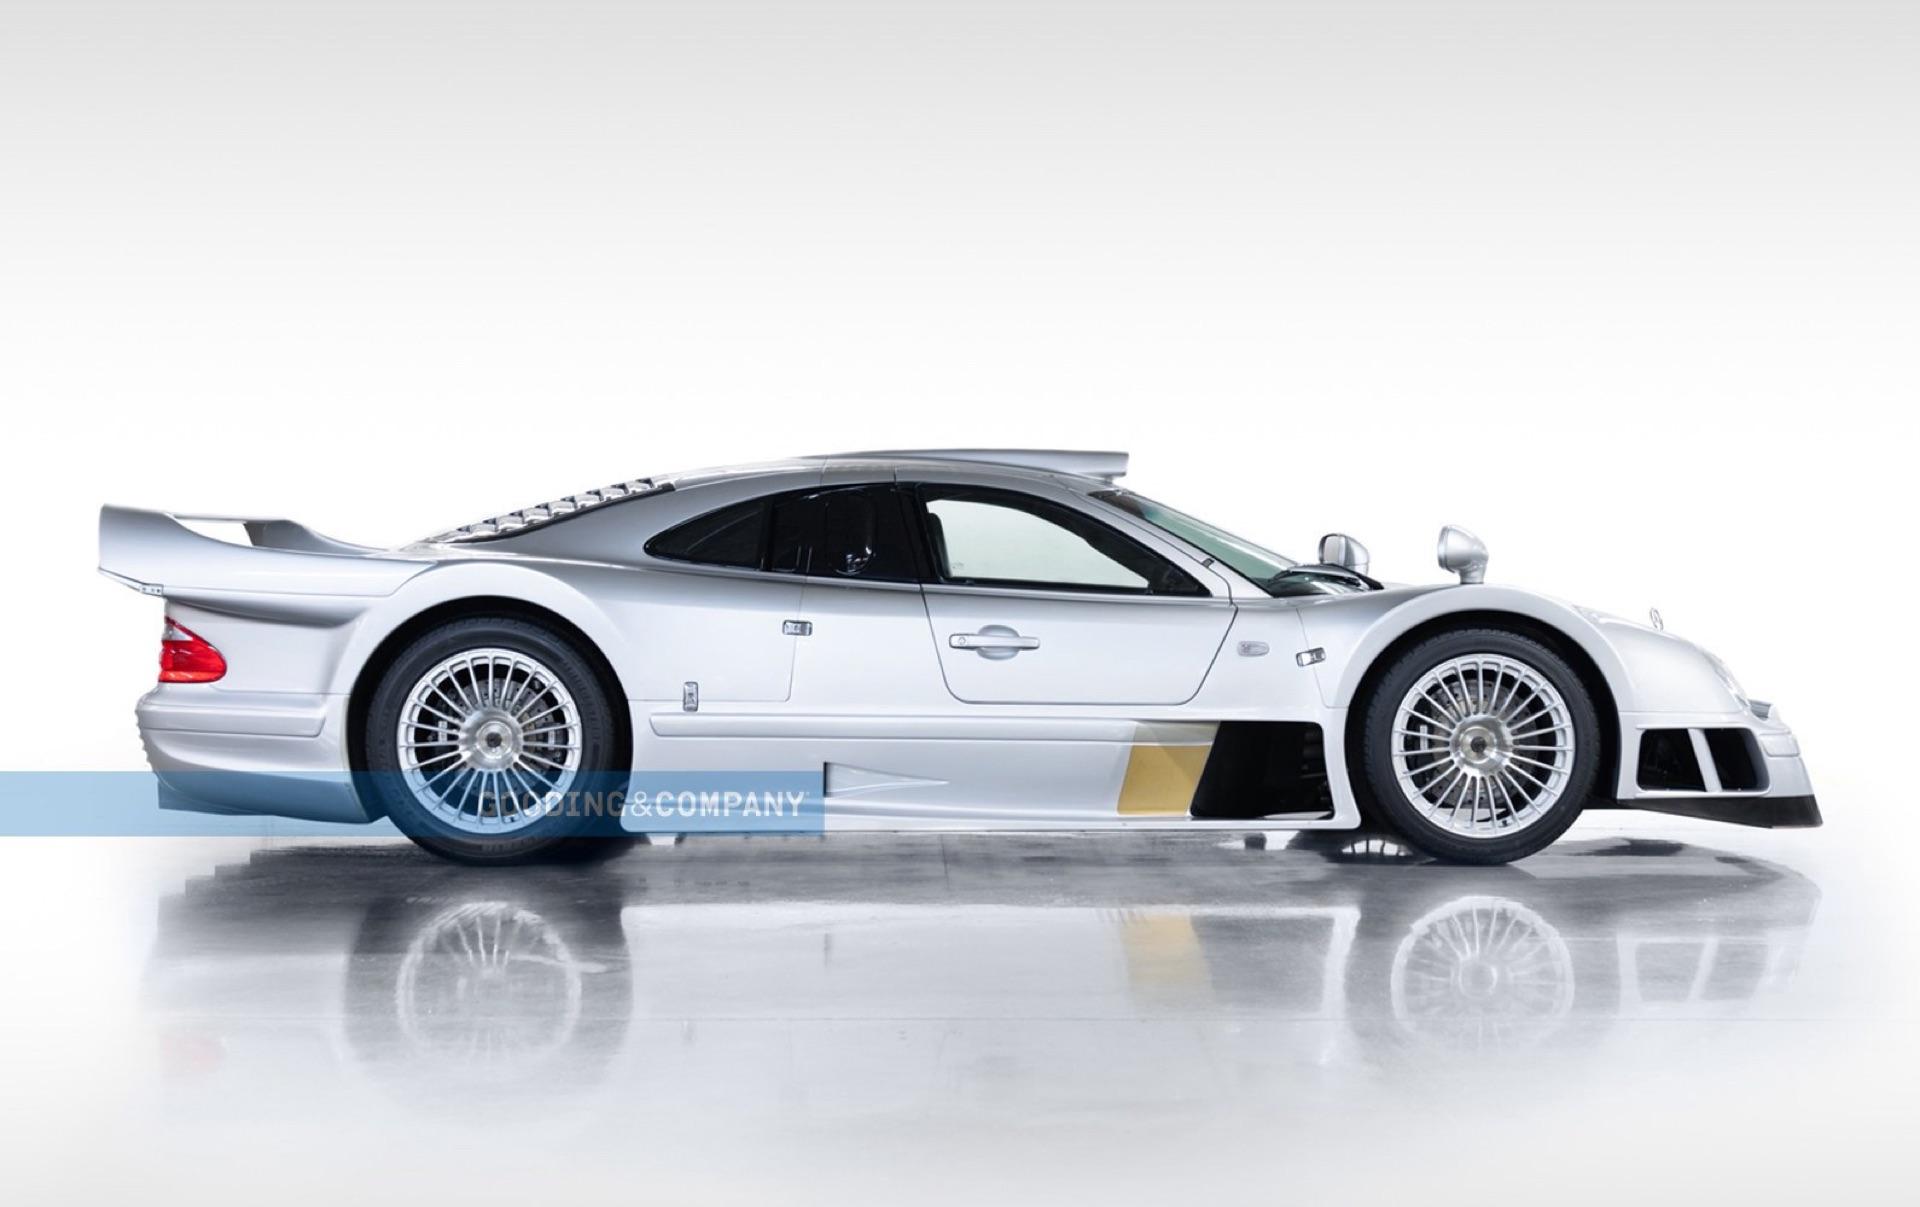 1998_Mercedes-Benz_CLK_GTR_sale-0001